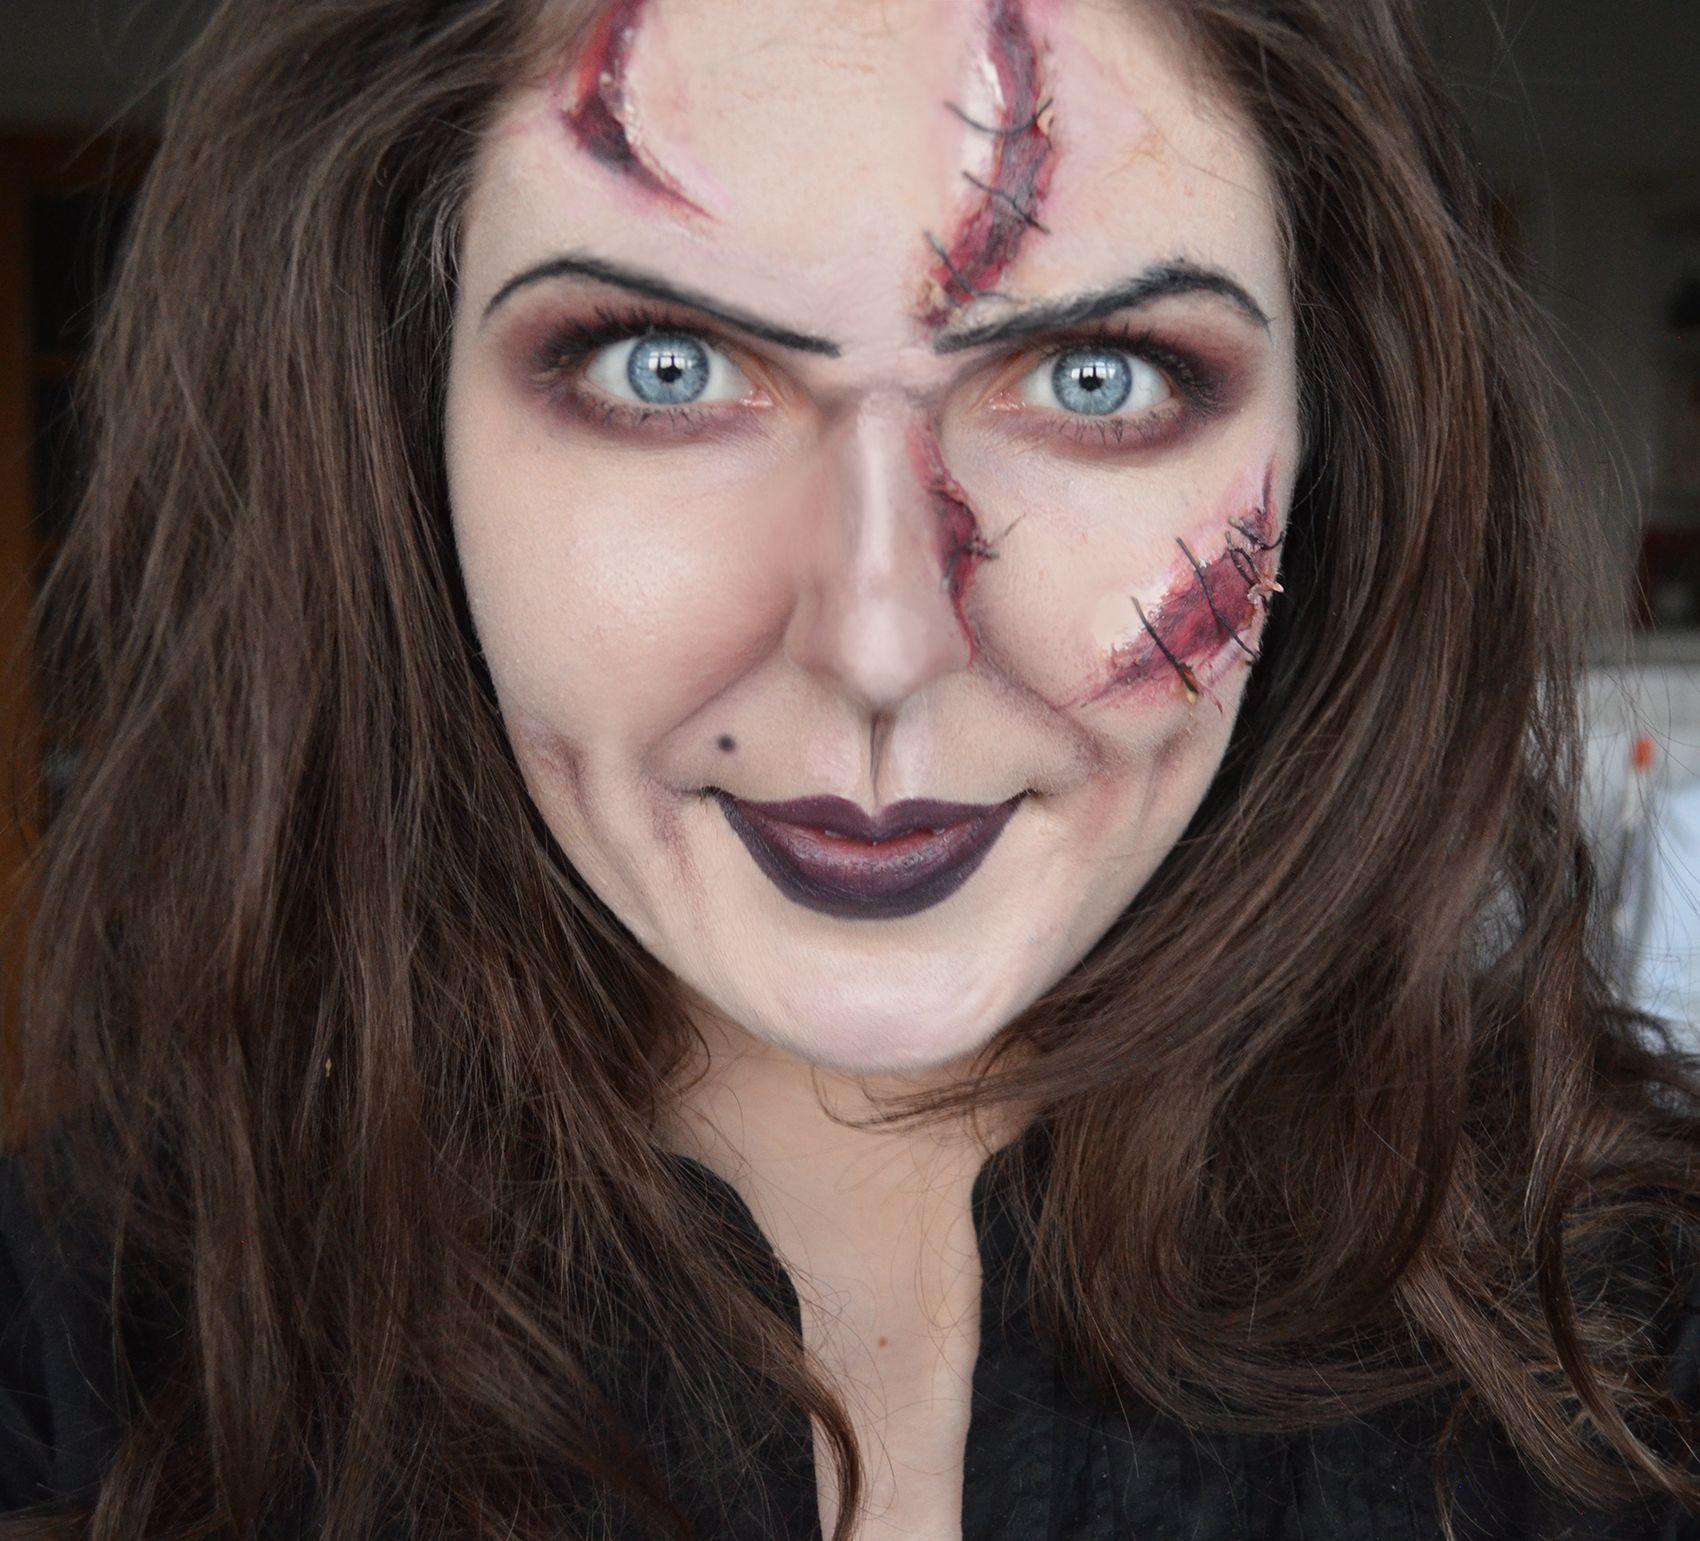 Bride of Chucky halloween makeup facepaint | halloween | Pinterest ...